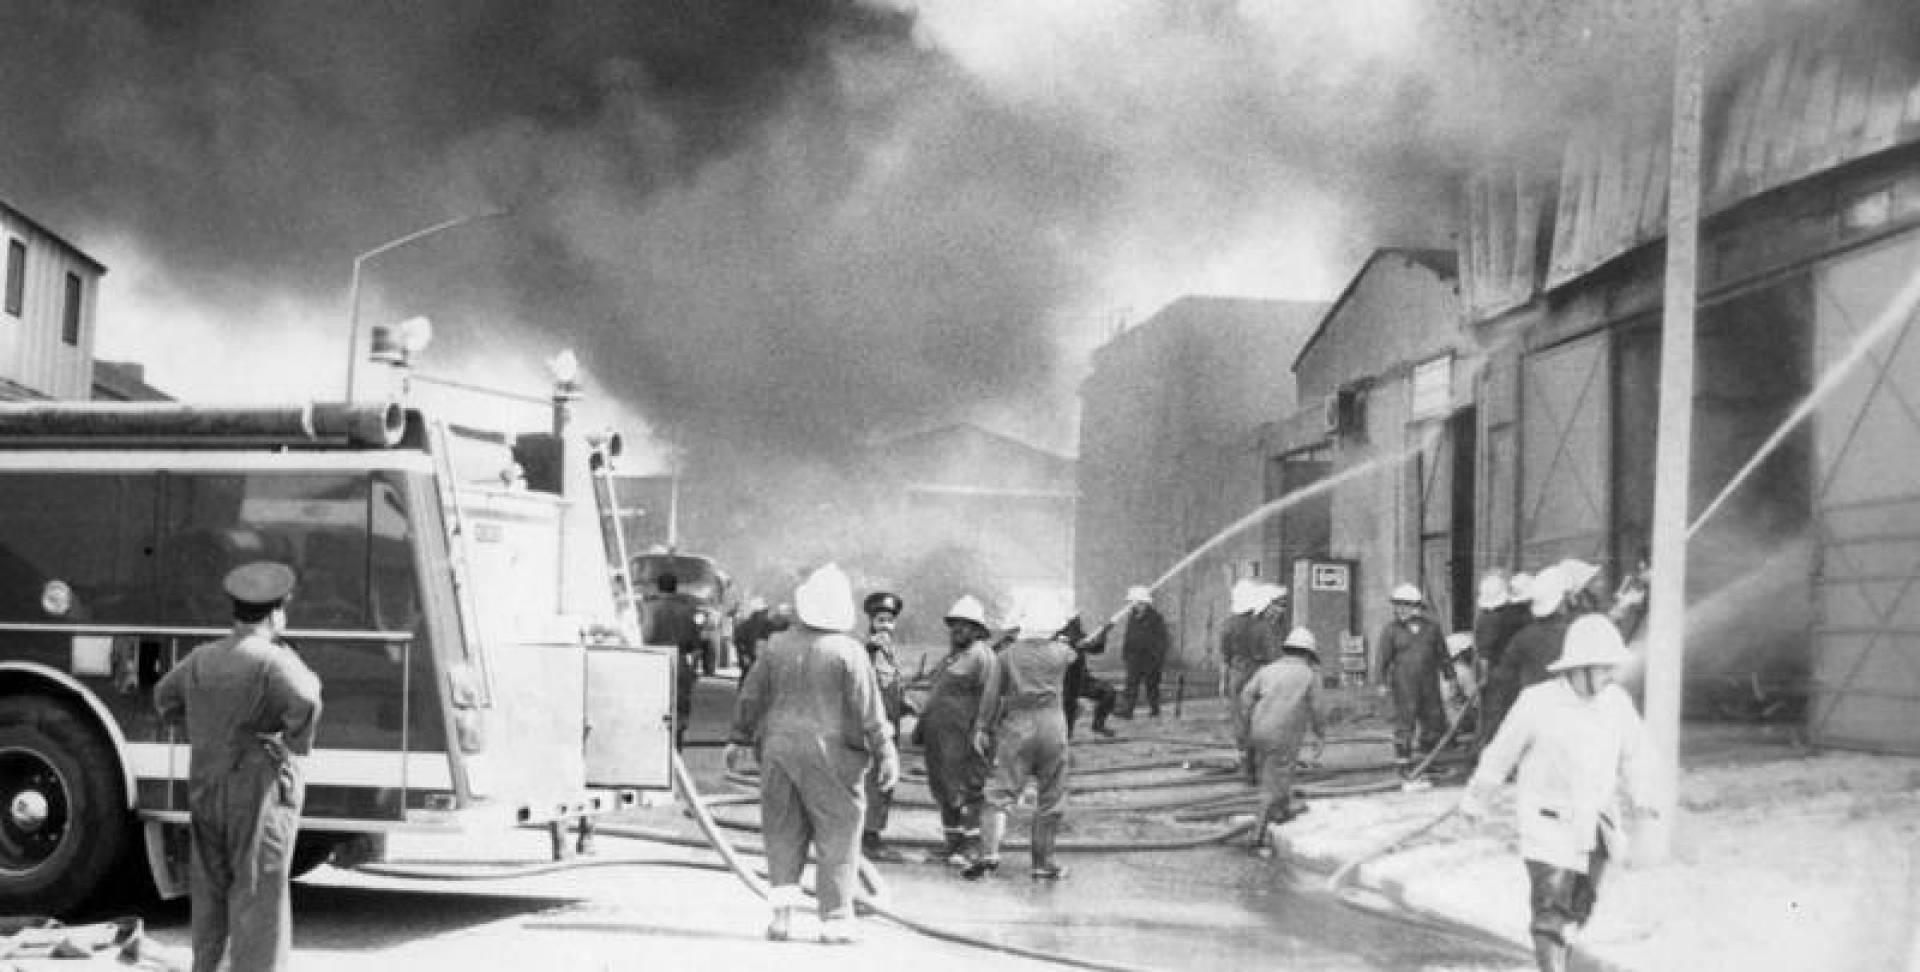 1972/11/20| حريق غامض يلتهم عاملاً بالشويخ ويحوله إلى كتلة متفحمة غير واضحة المعالم